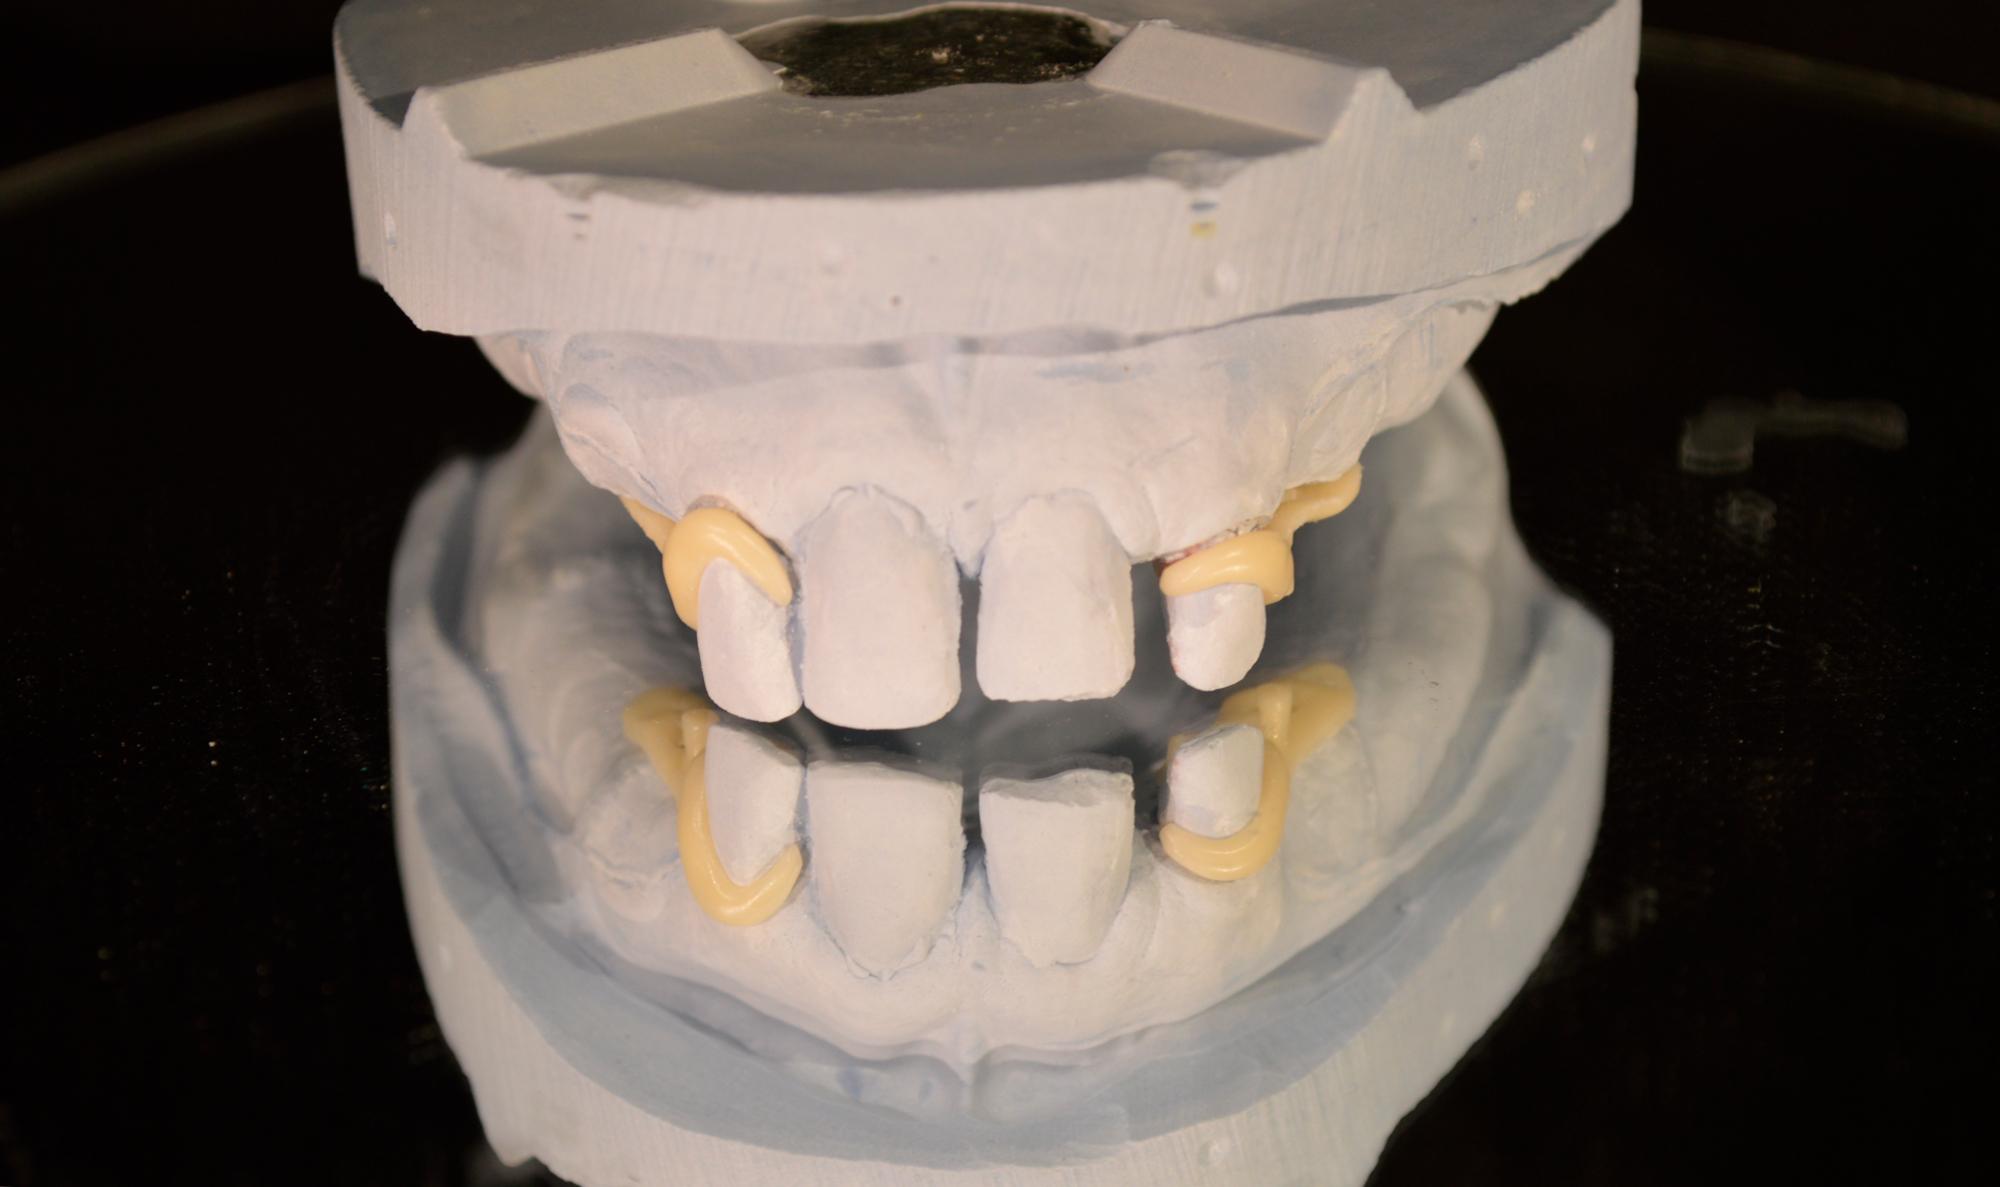 5-galleri resina acetalica